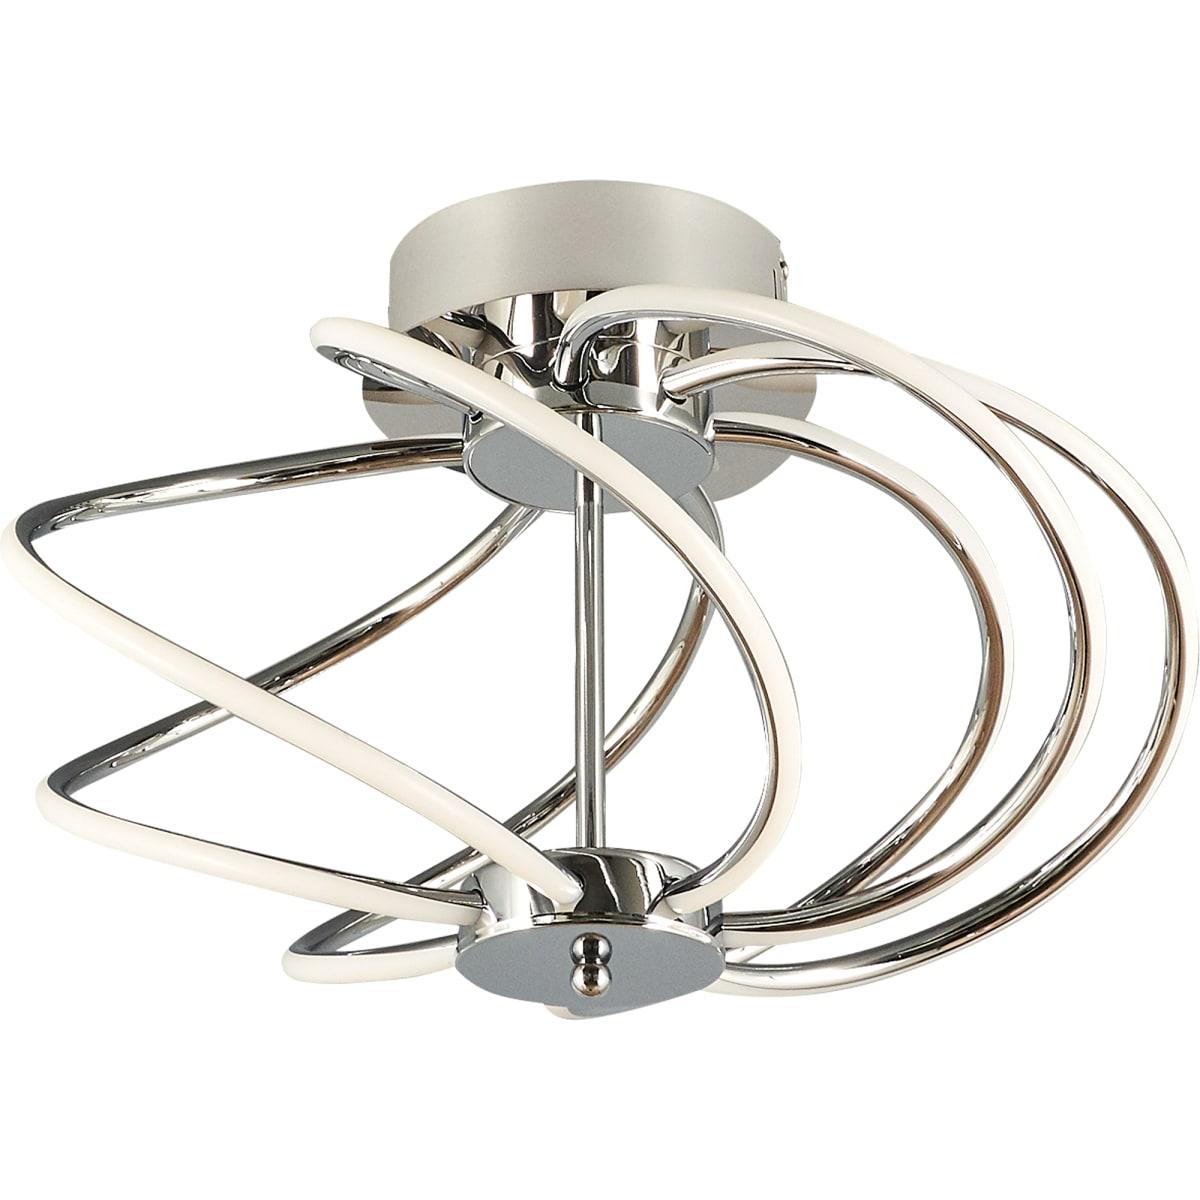 Светильник потолочный светодиодный «Preli» с пультом управления, 18 м², регулируемый свет, цвет серебристый/белый